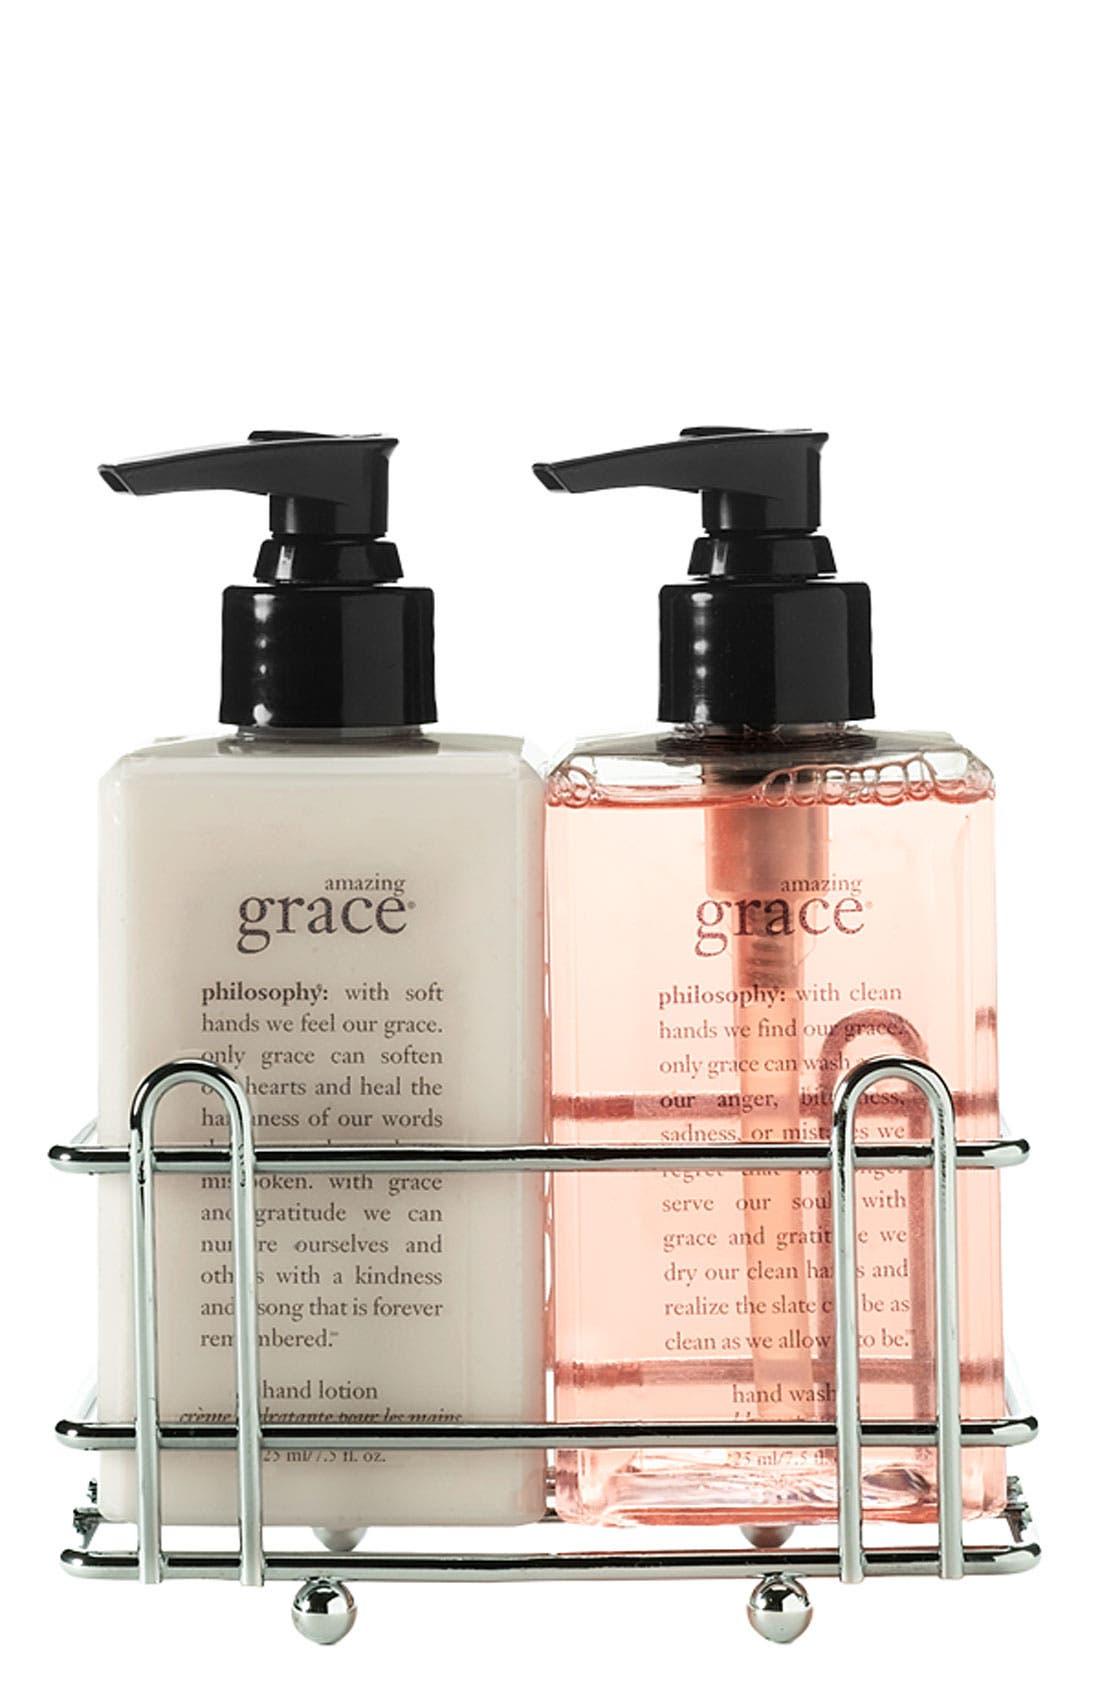 Main Image - philosophy 'amazing grace' hand wash & hand lotion set ($36 Value)